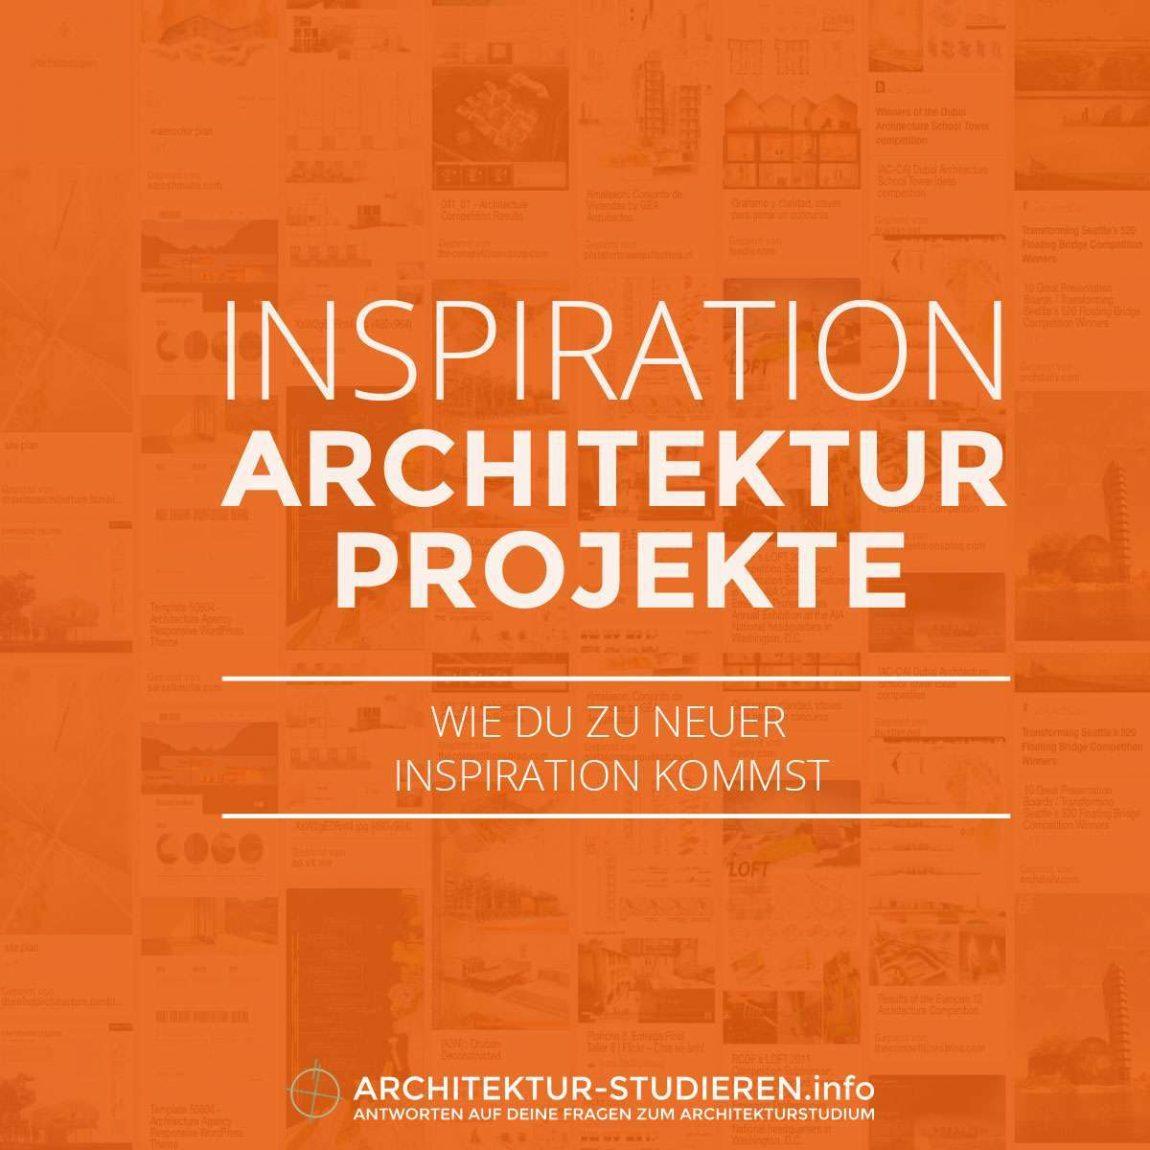 Inspiration für deine Entwurfs-Projekte | Architektur-studieren.info